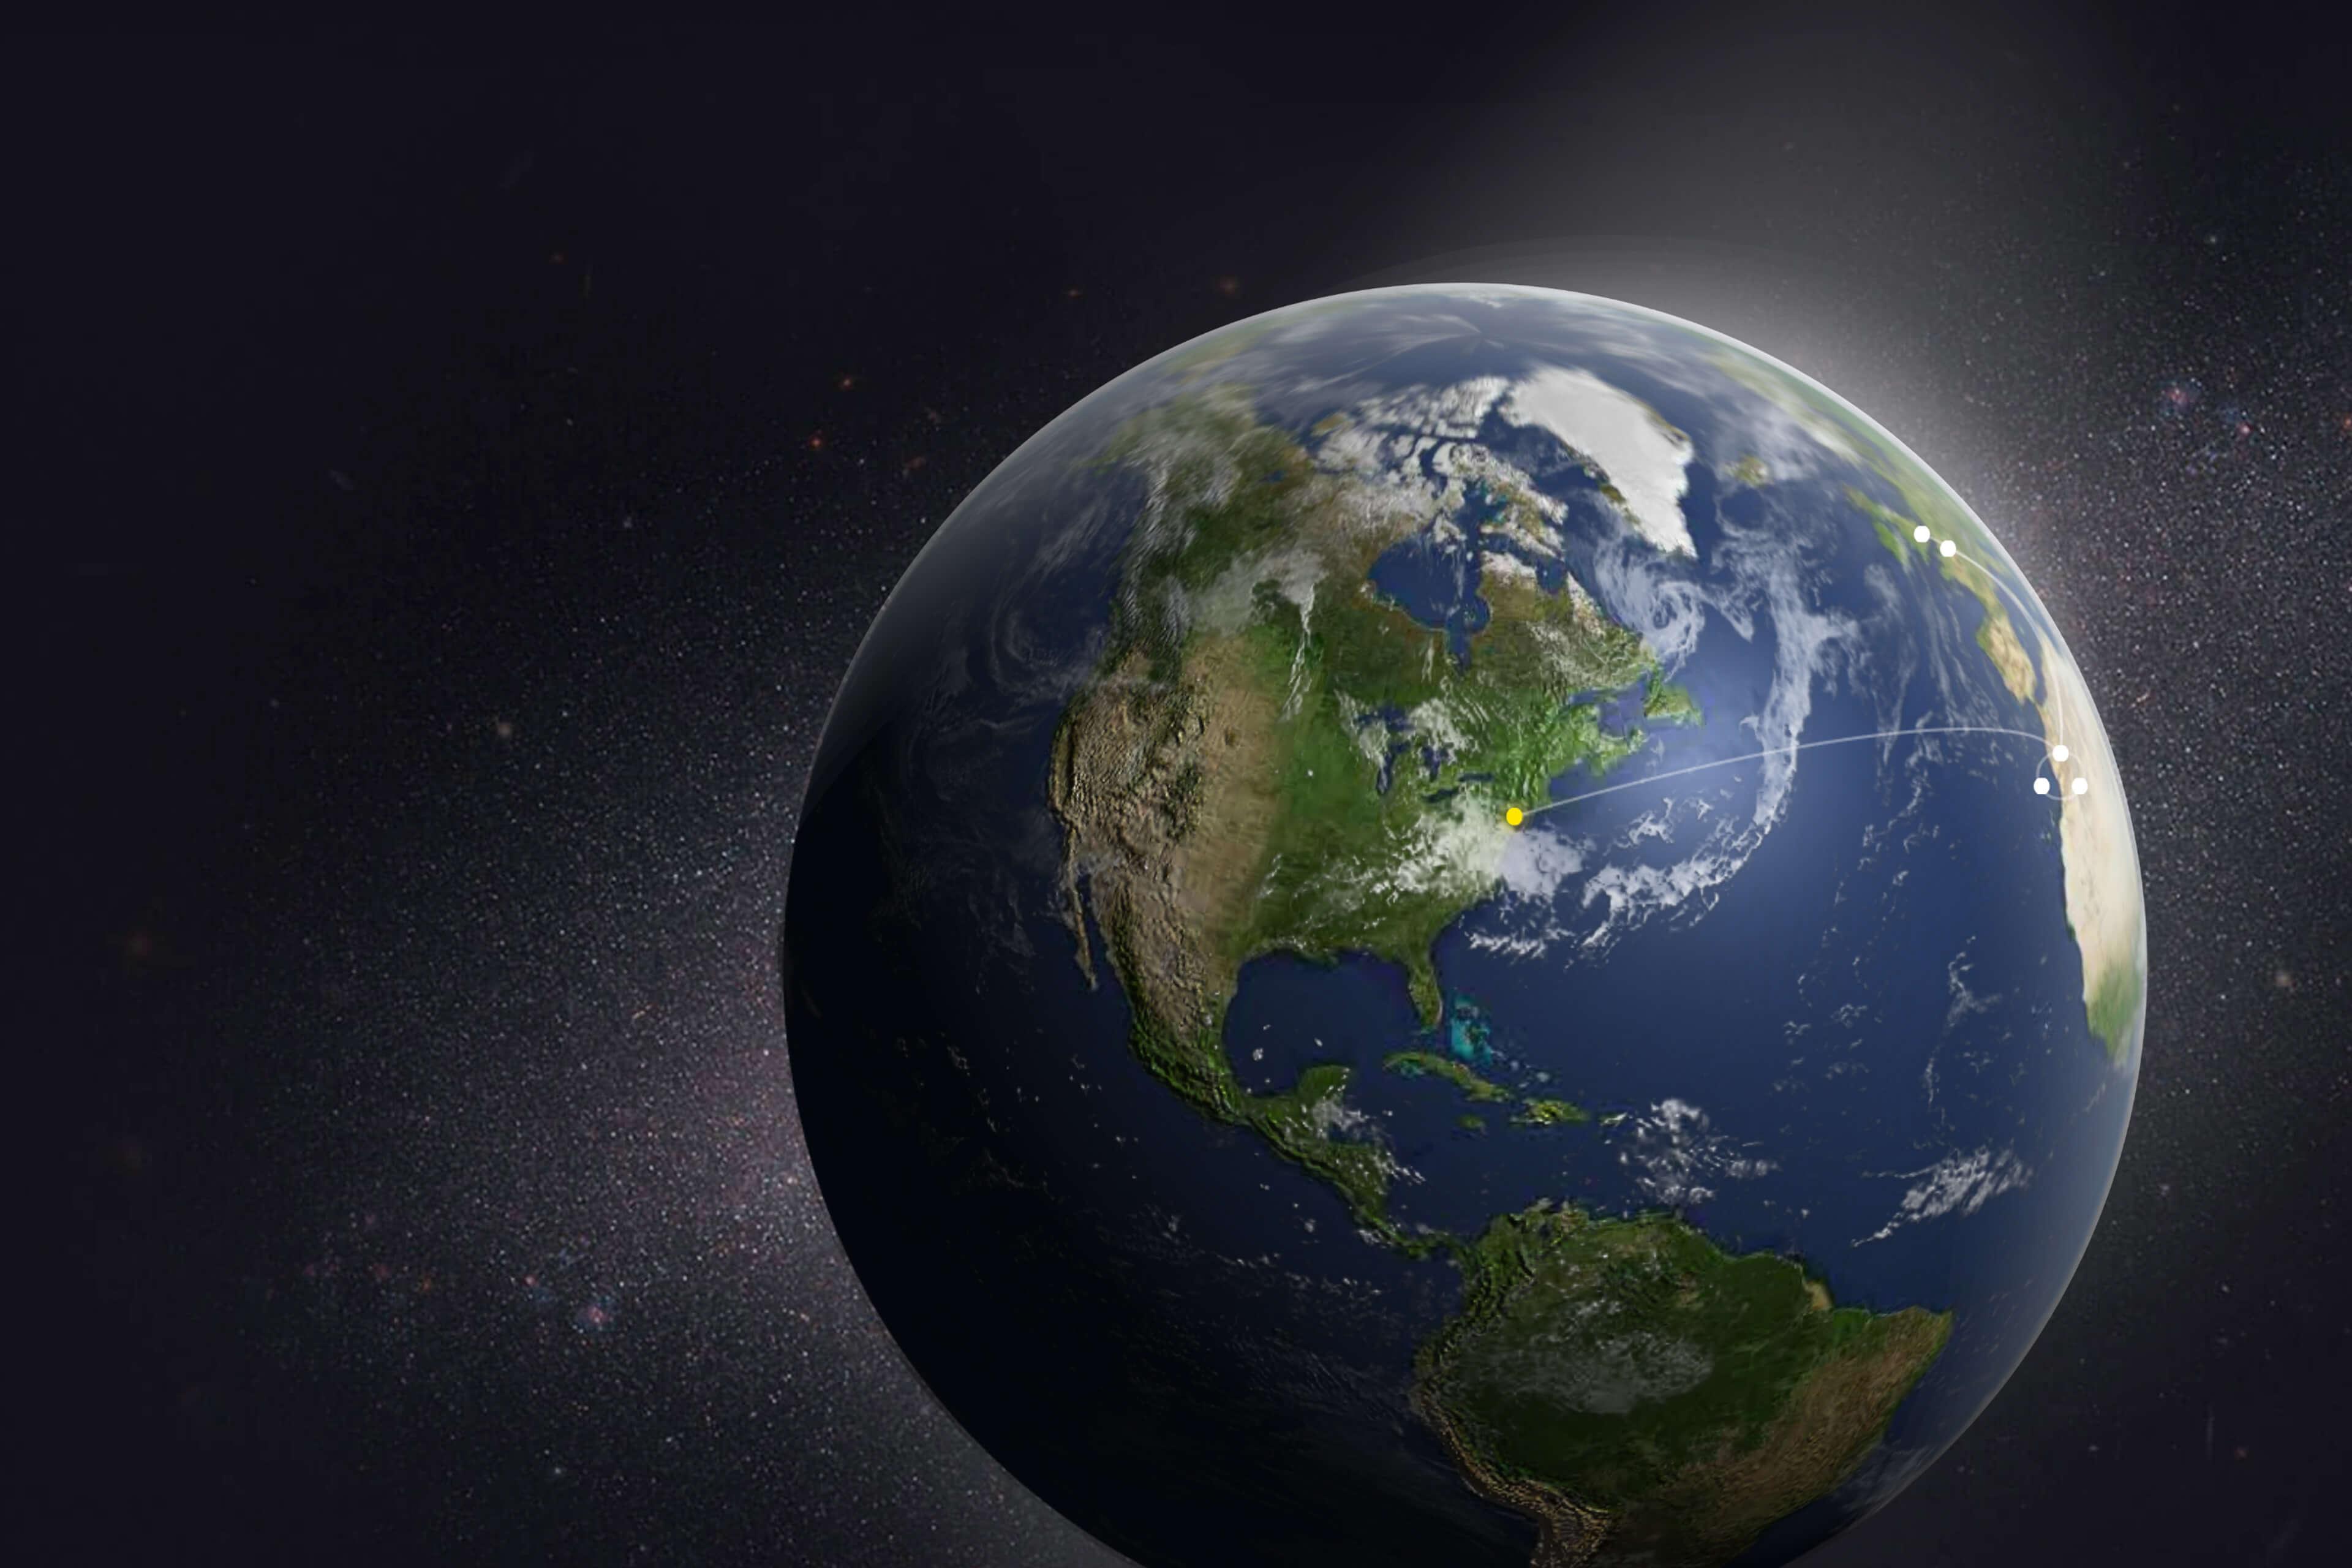 瞭解安永如何在全球各地發揮影響⼒